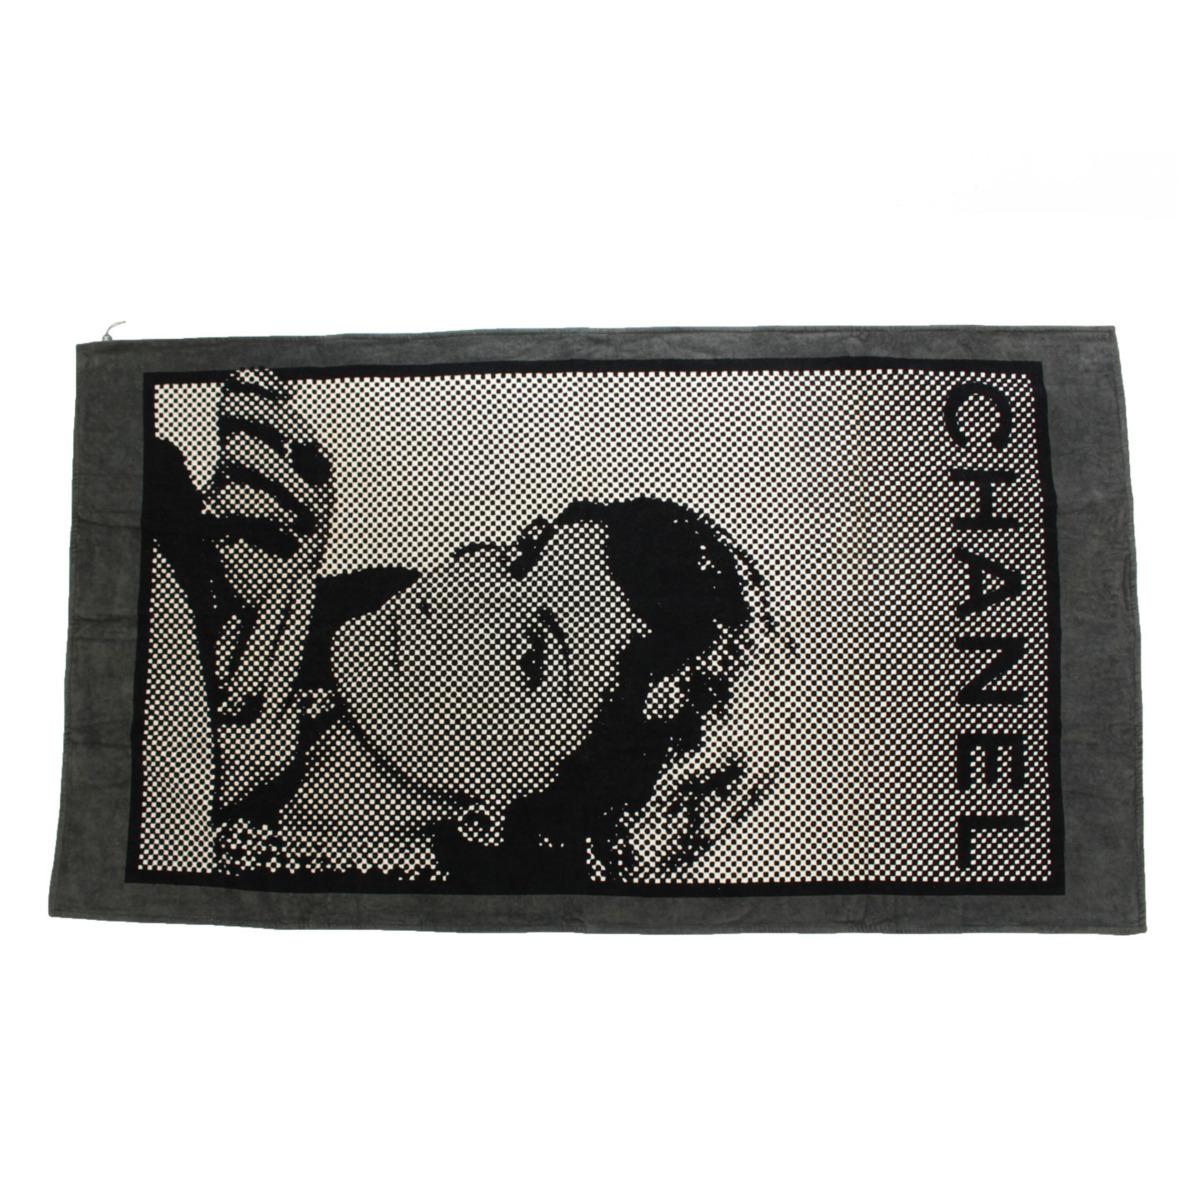 【シャネル】Chanel ビーチタオル バスマット ココ マドモアゼル ドット  【中古】【鑑定済・正規品保証】【送料無料】37335